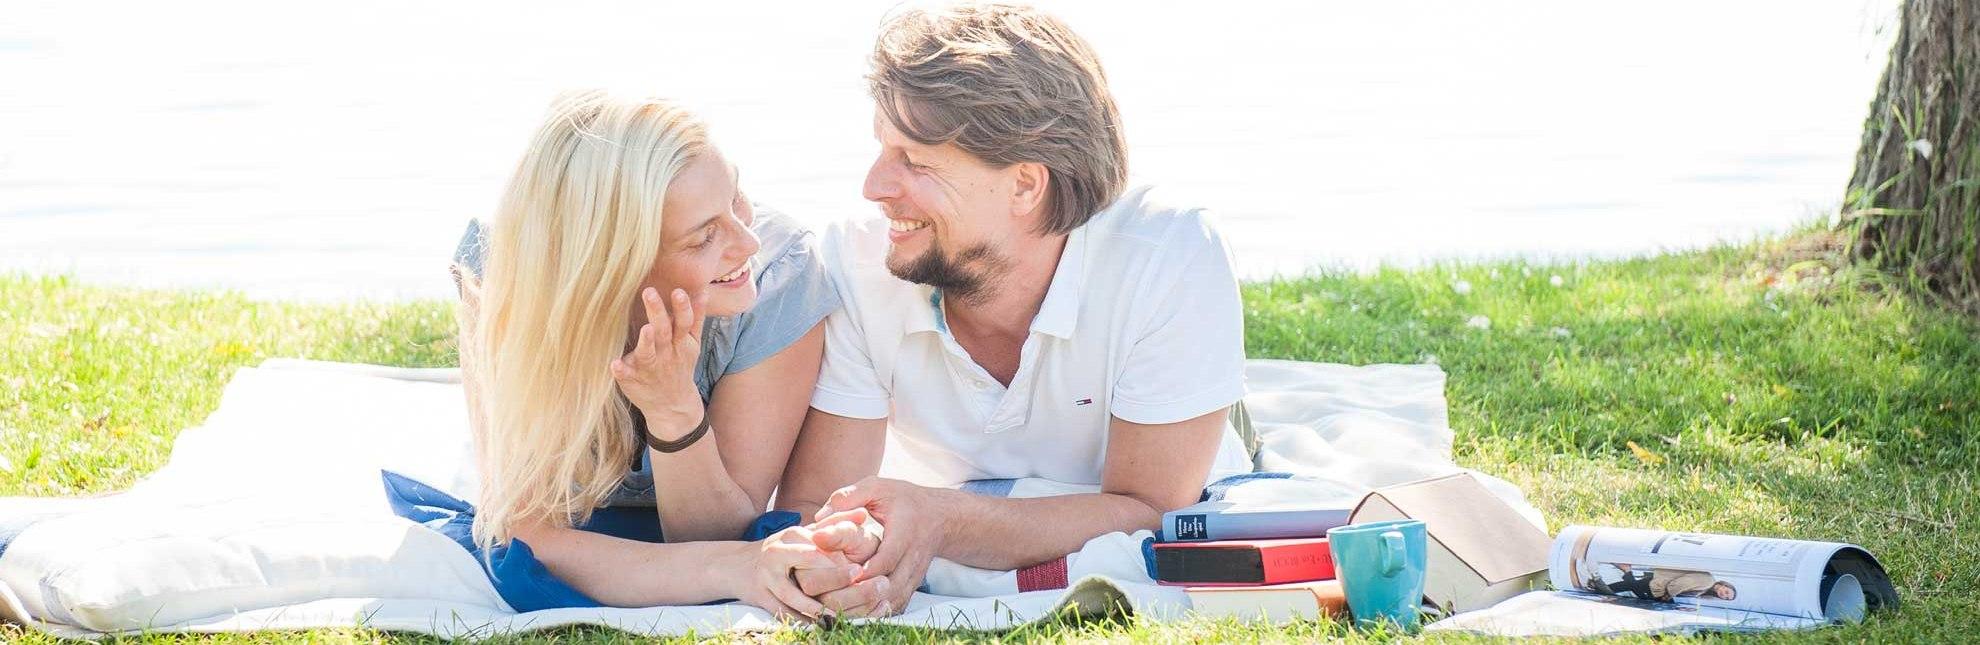 Paar am See, © Nicole Franke/ HLMS